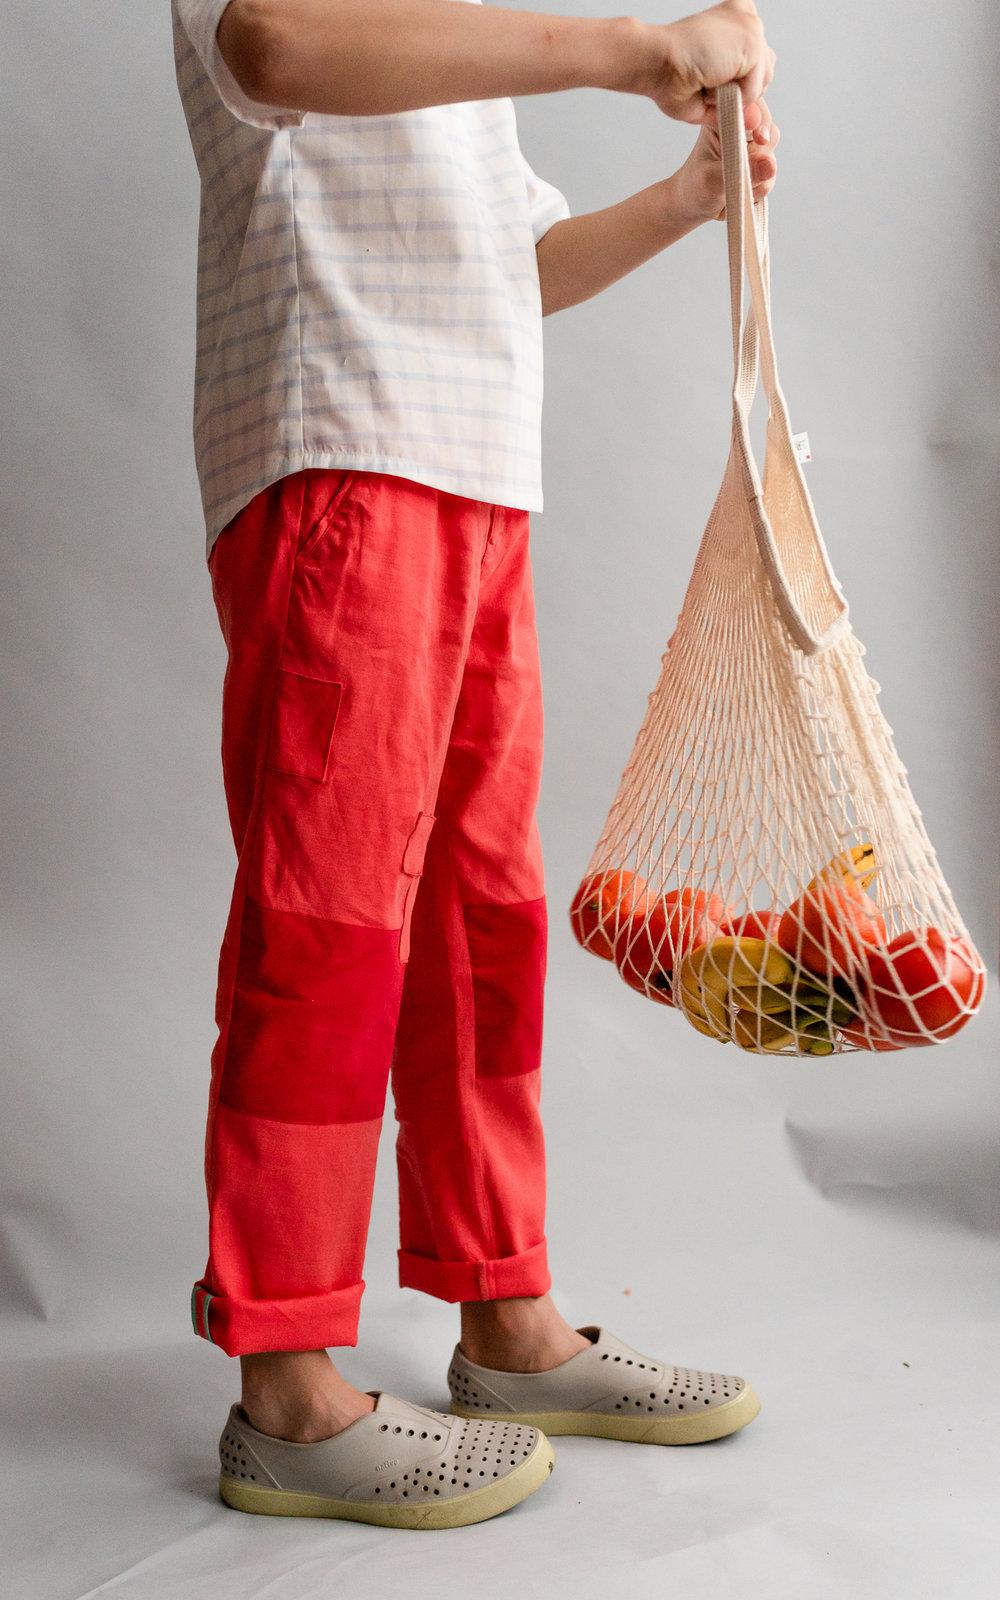 prp-kids=clothing-sewing-patterns47.jpg